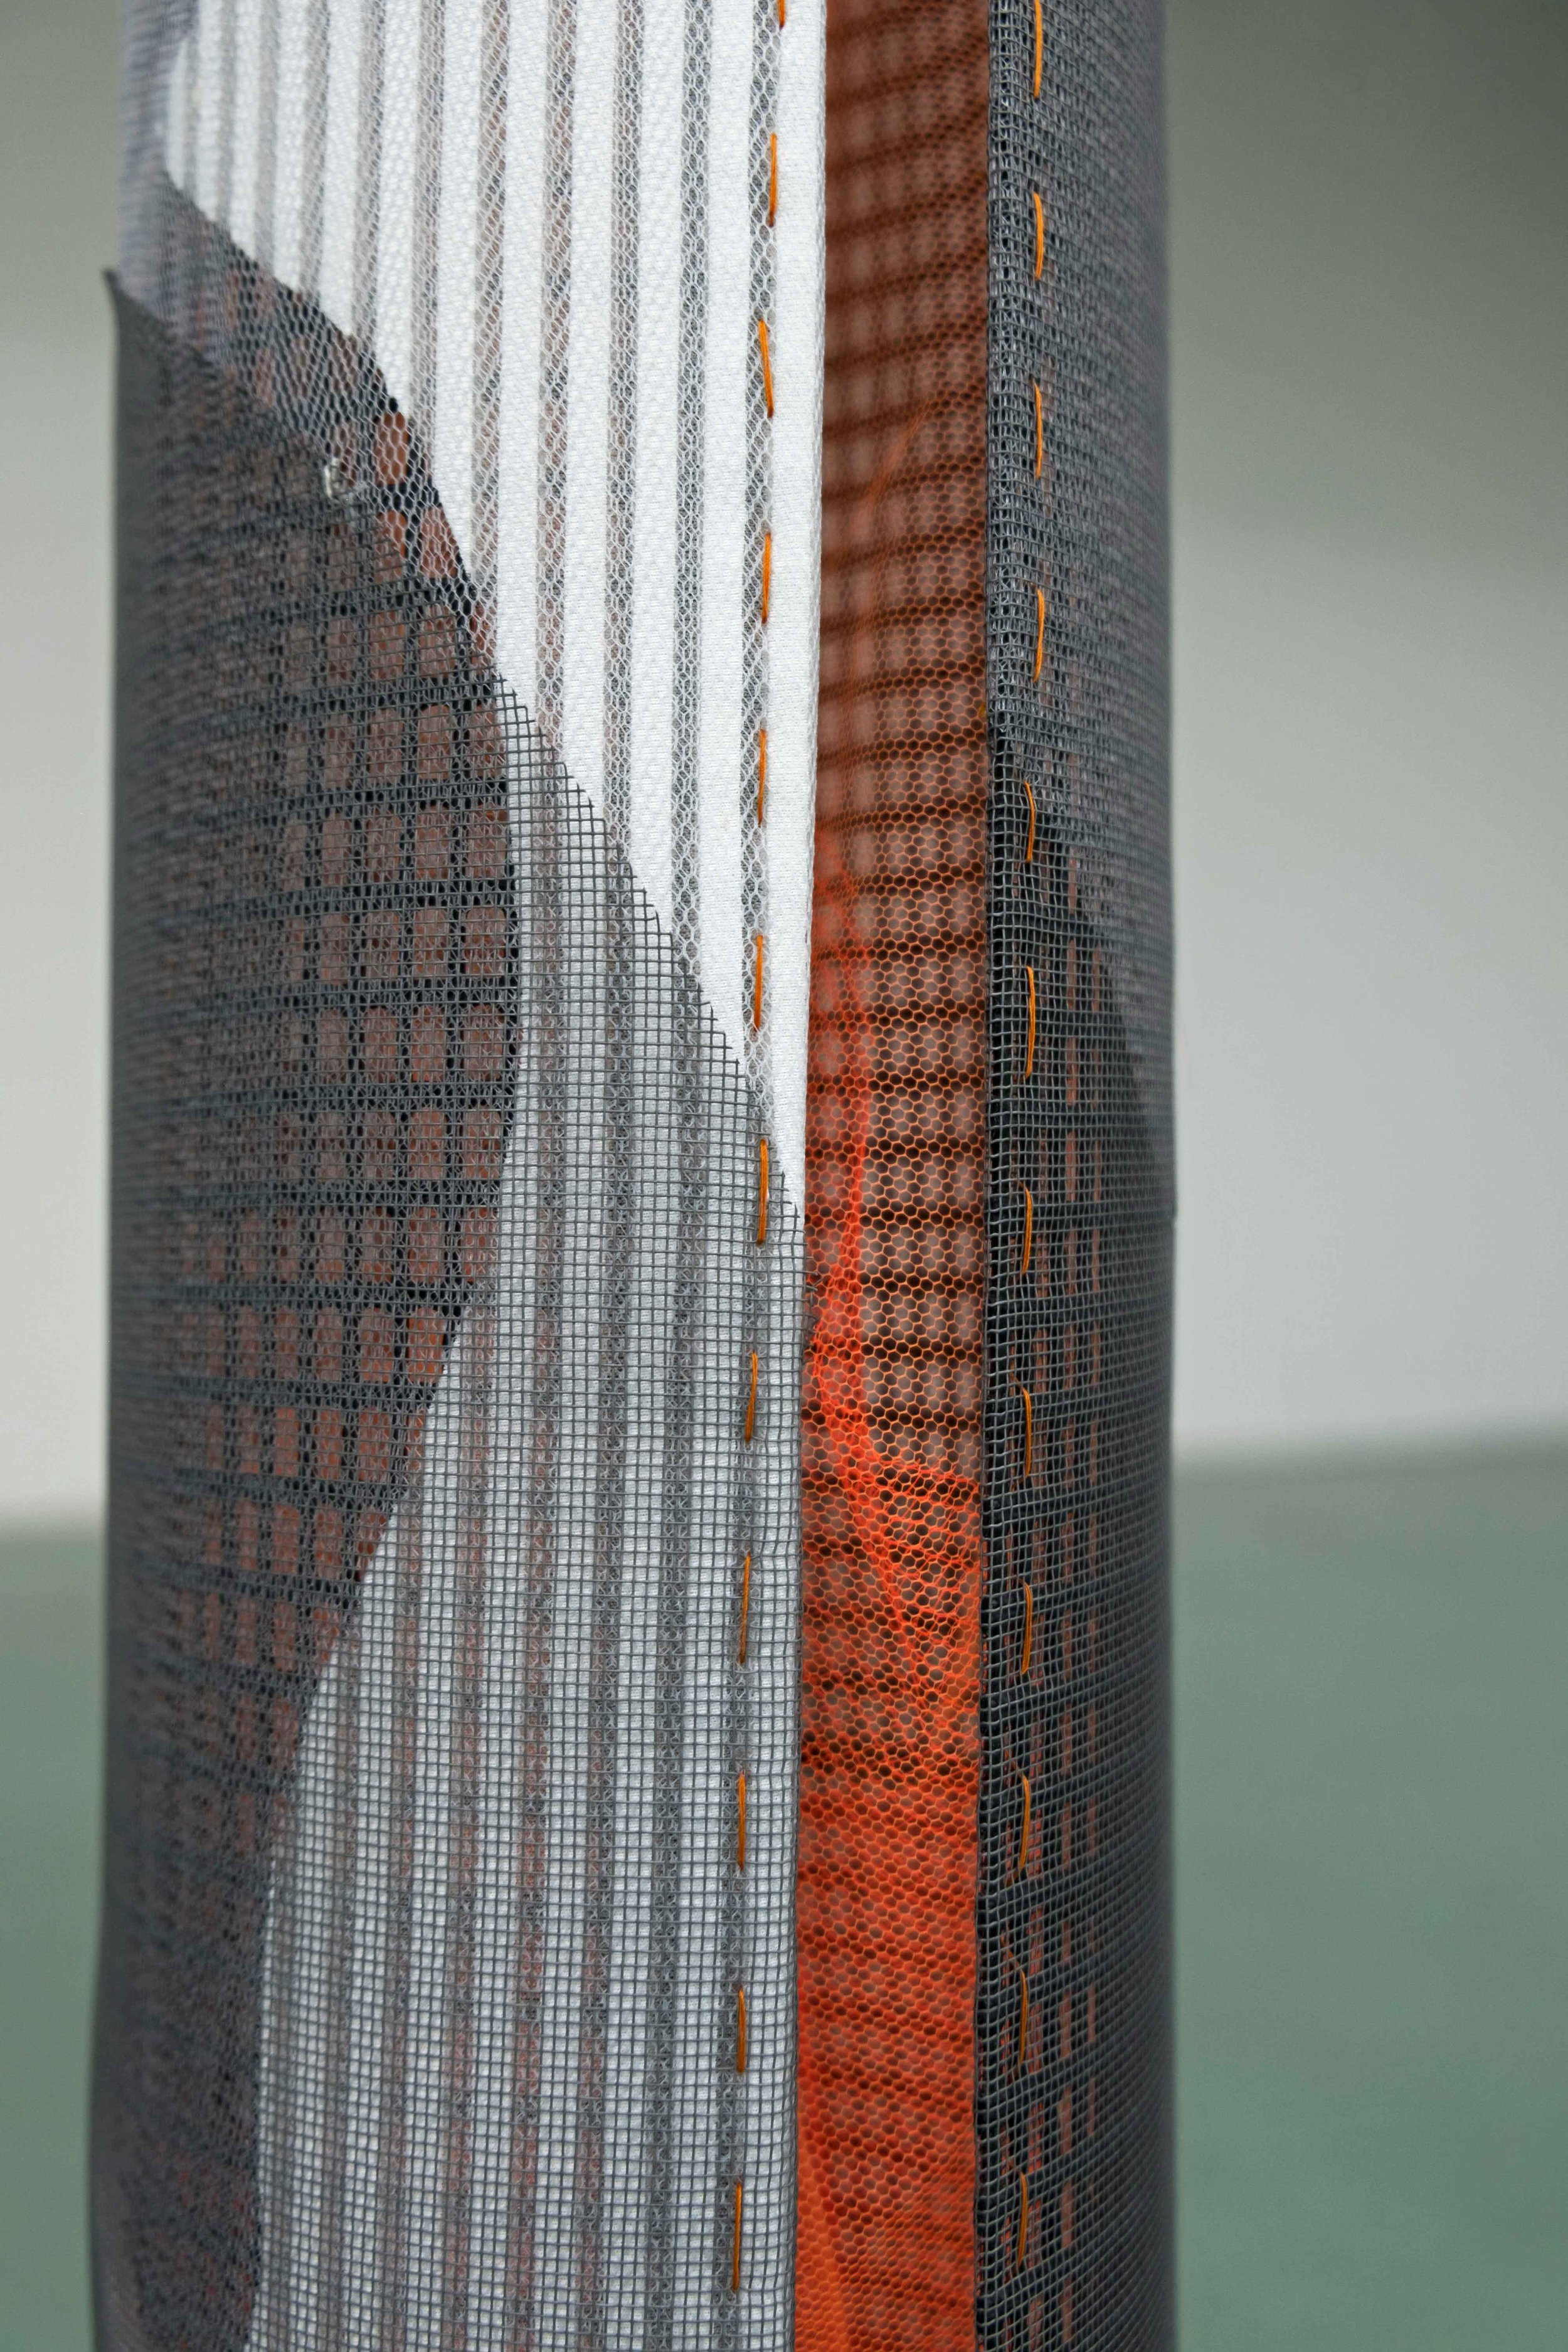 Pillar-as-Nest-detail-2-for-web.jpg